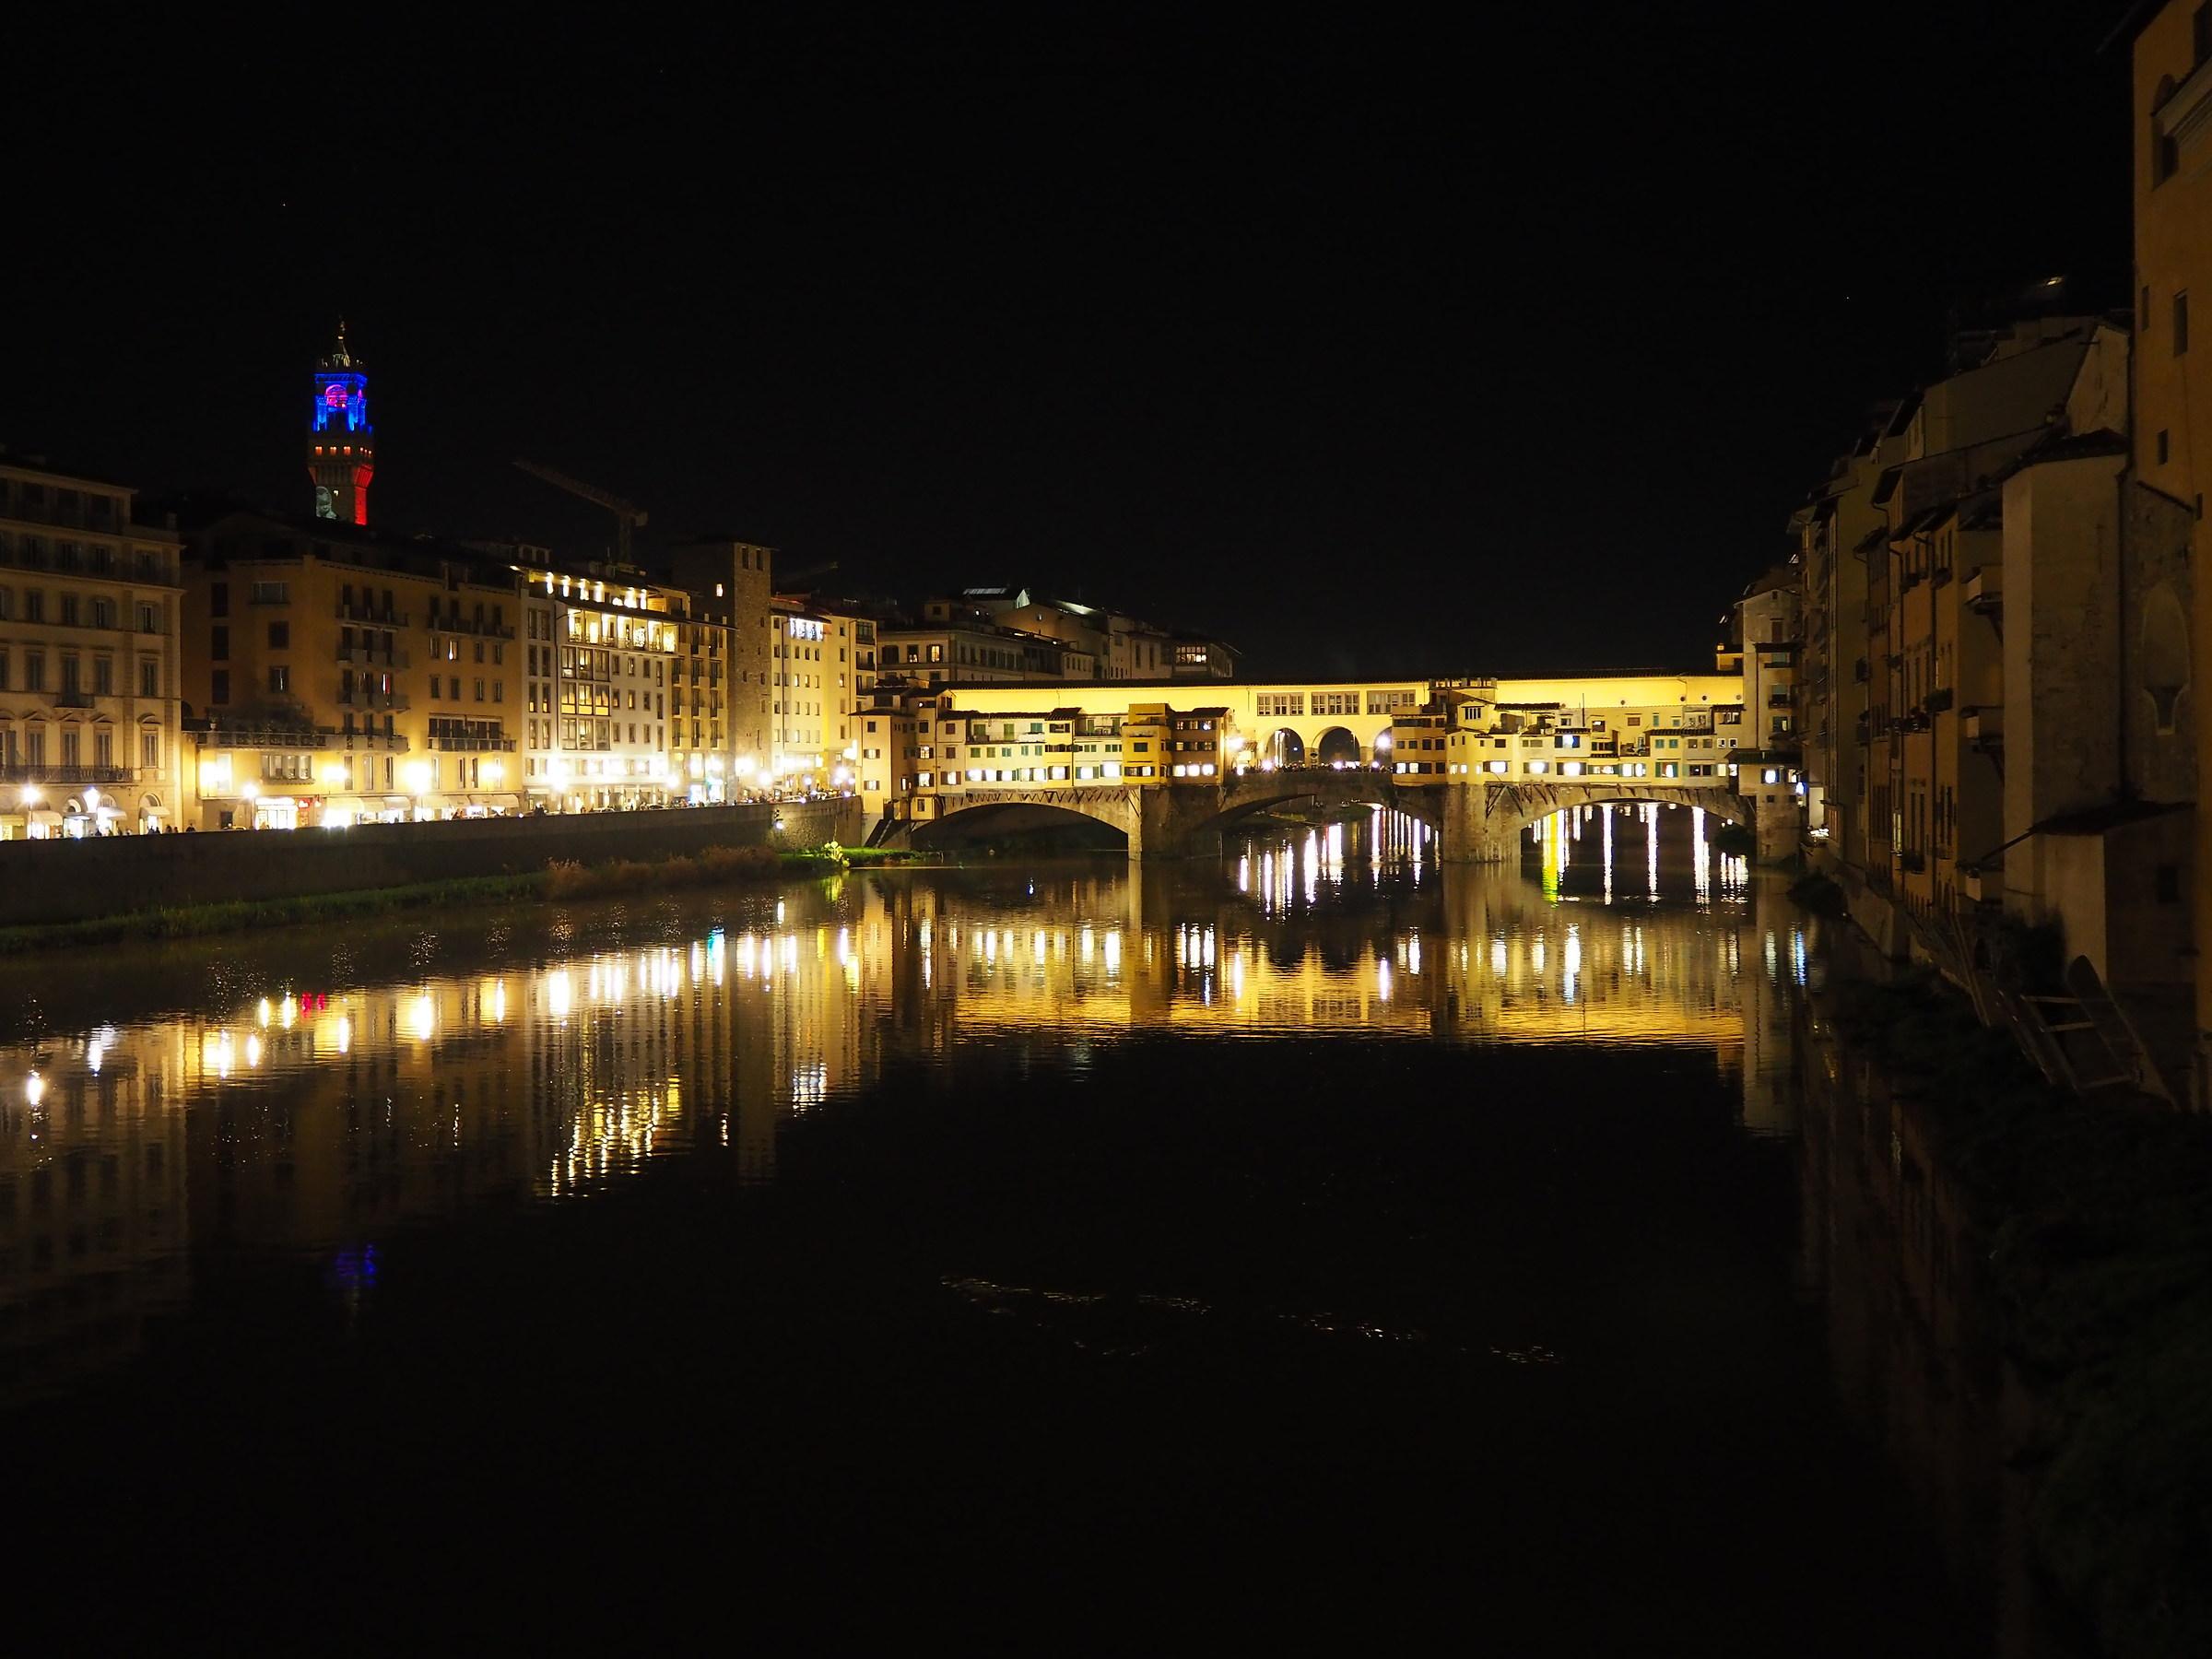 notte nei pressi di ponte vecchio...